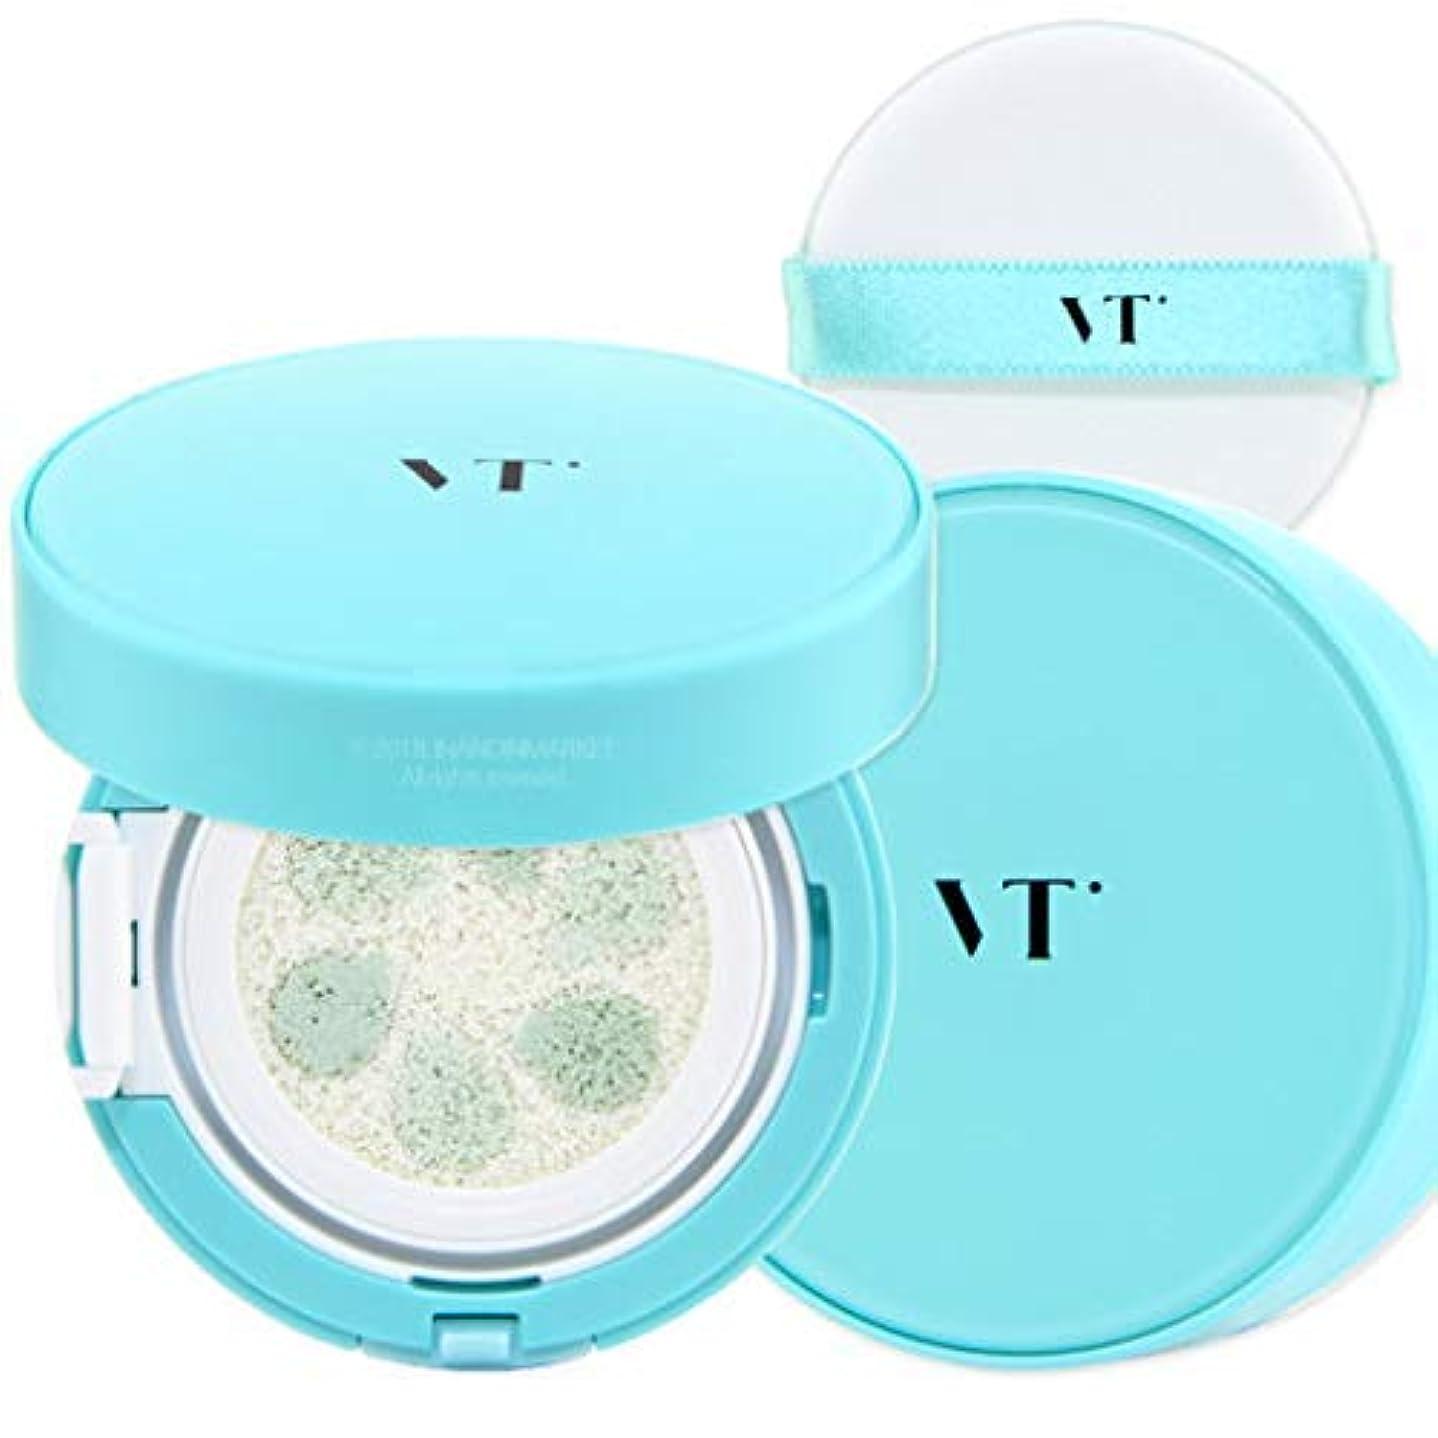 読書アクチュエータあそこVT Cosmetic Phyto Sun Cushion サンクッション 本品11g, SPF50+/PA++++